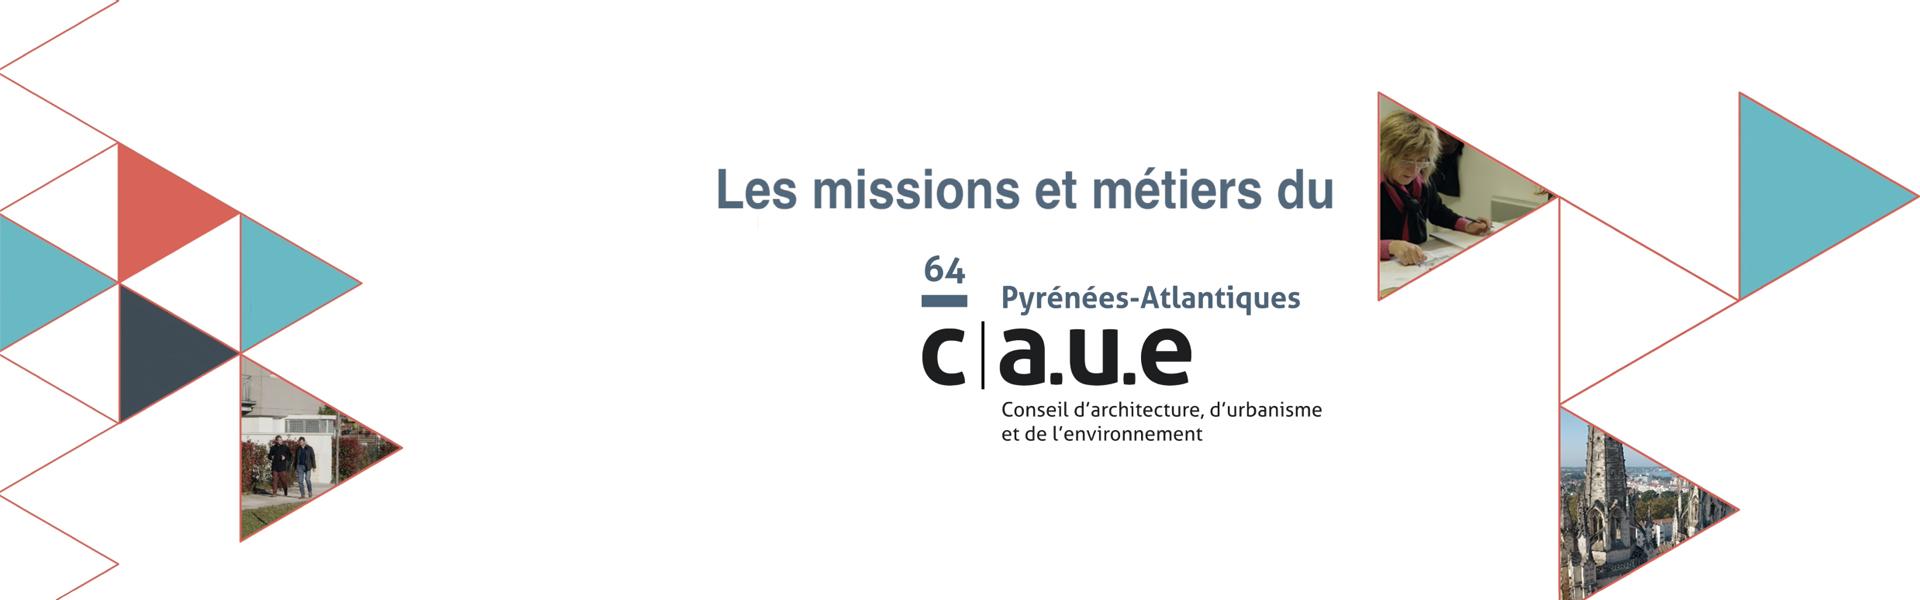 Les missions du CAUE 64 en images...